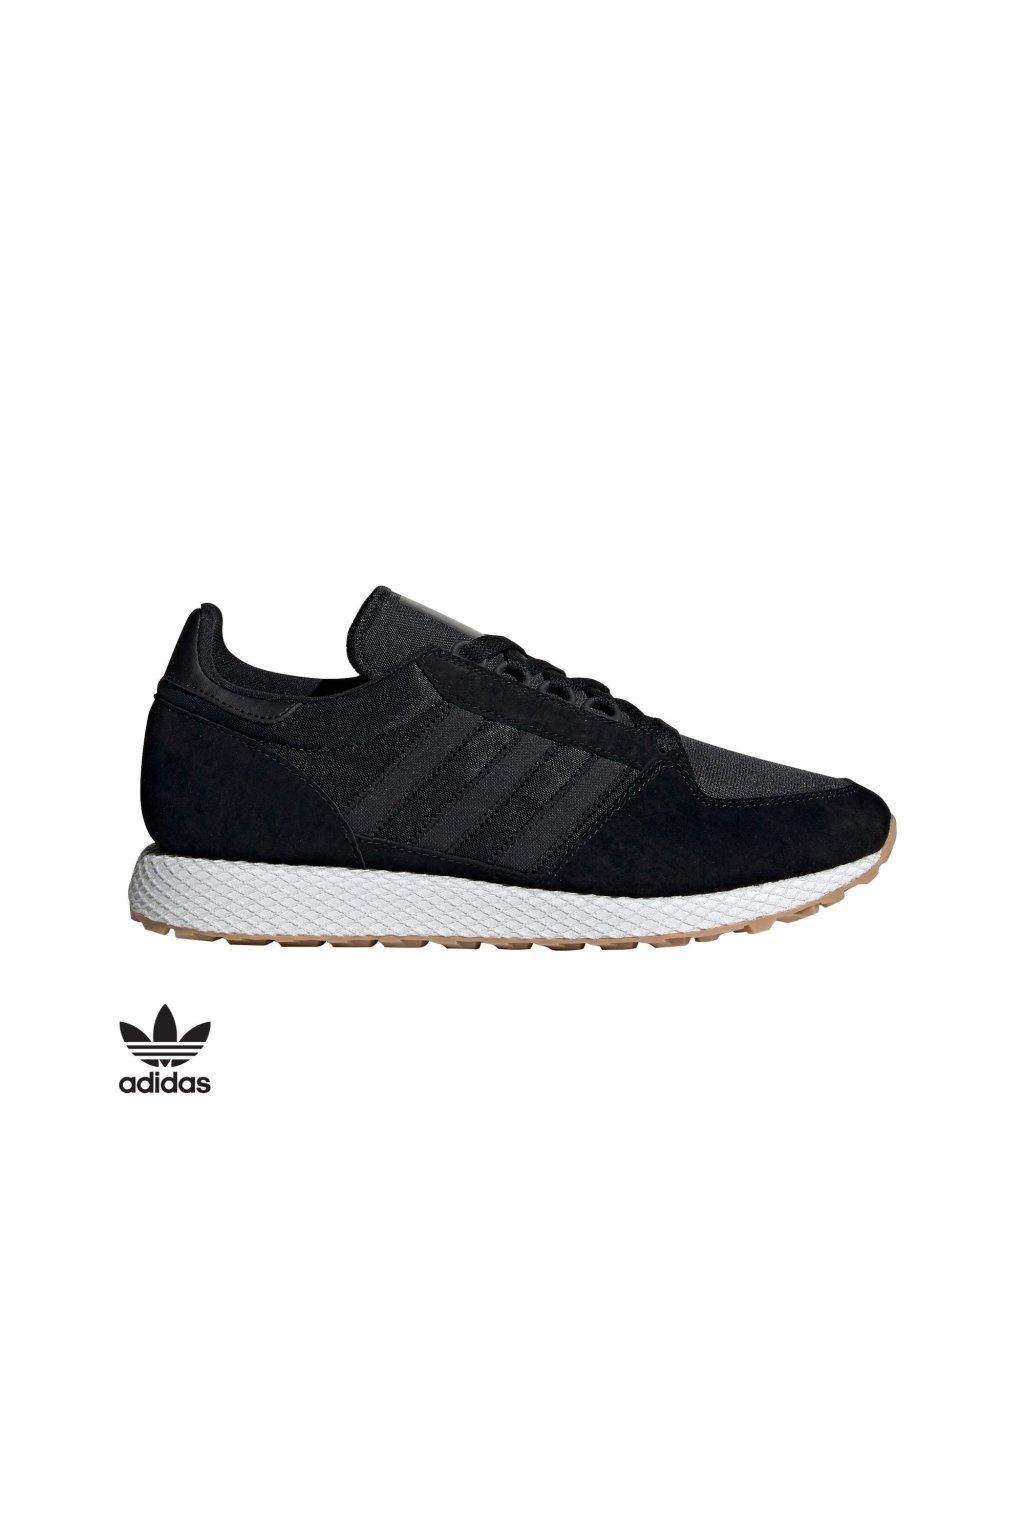 cg5673 tenisky adidas forest grove